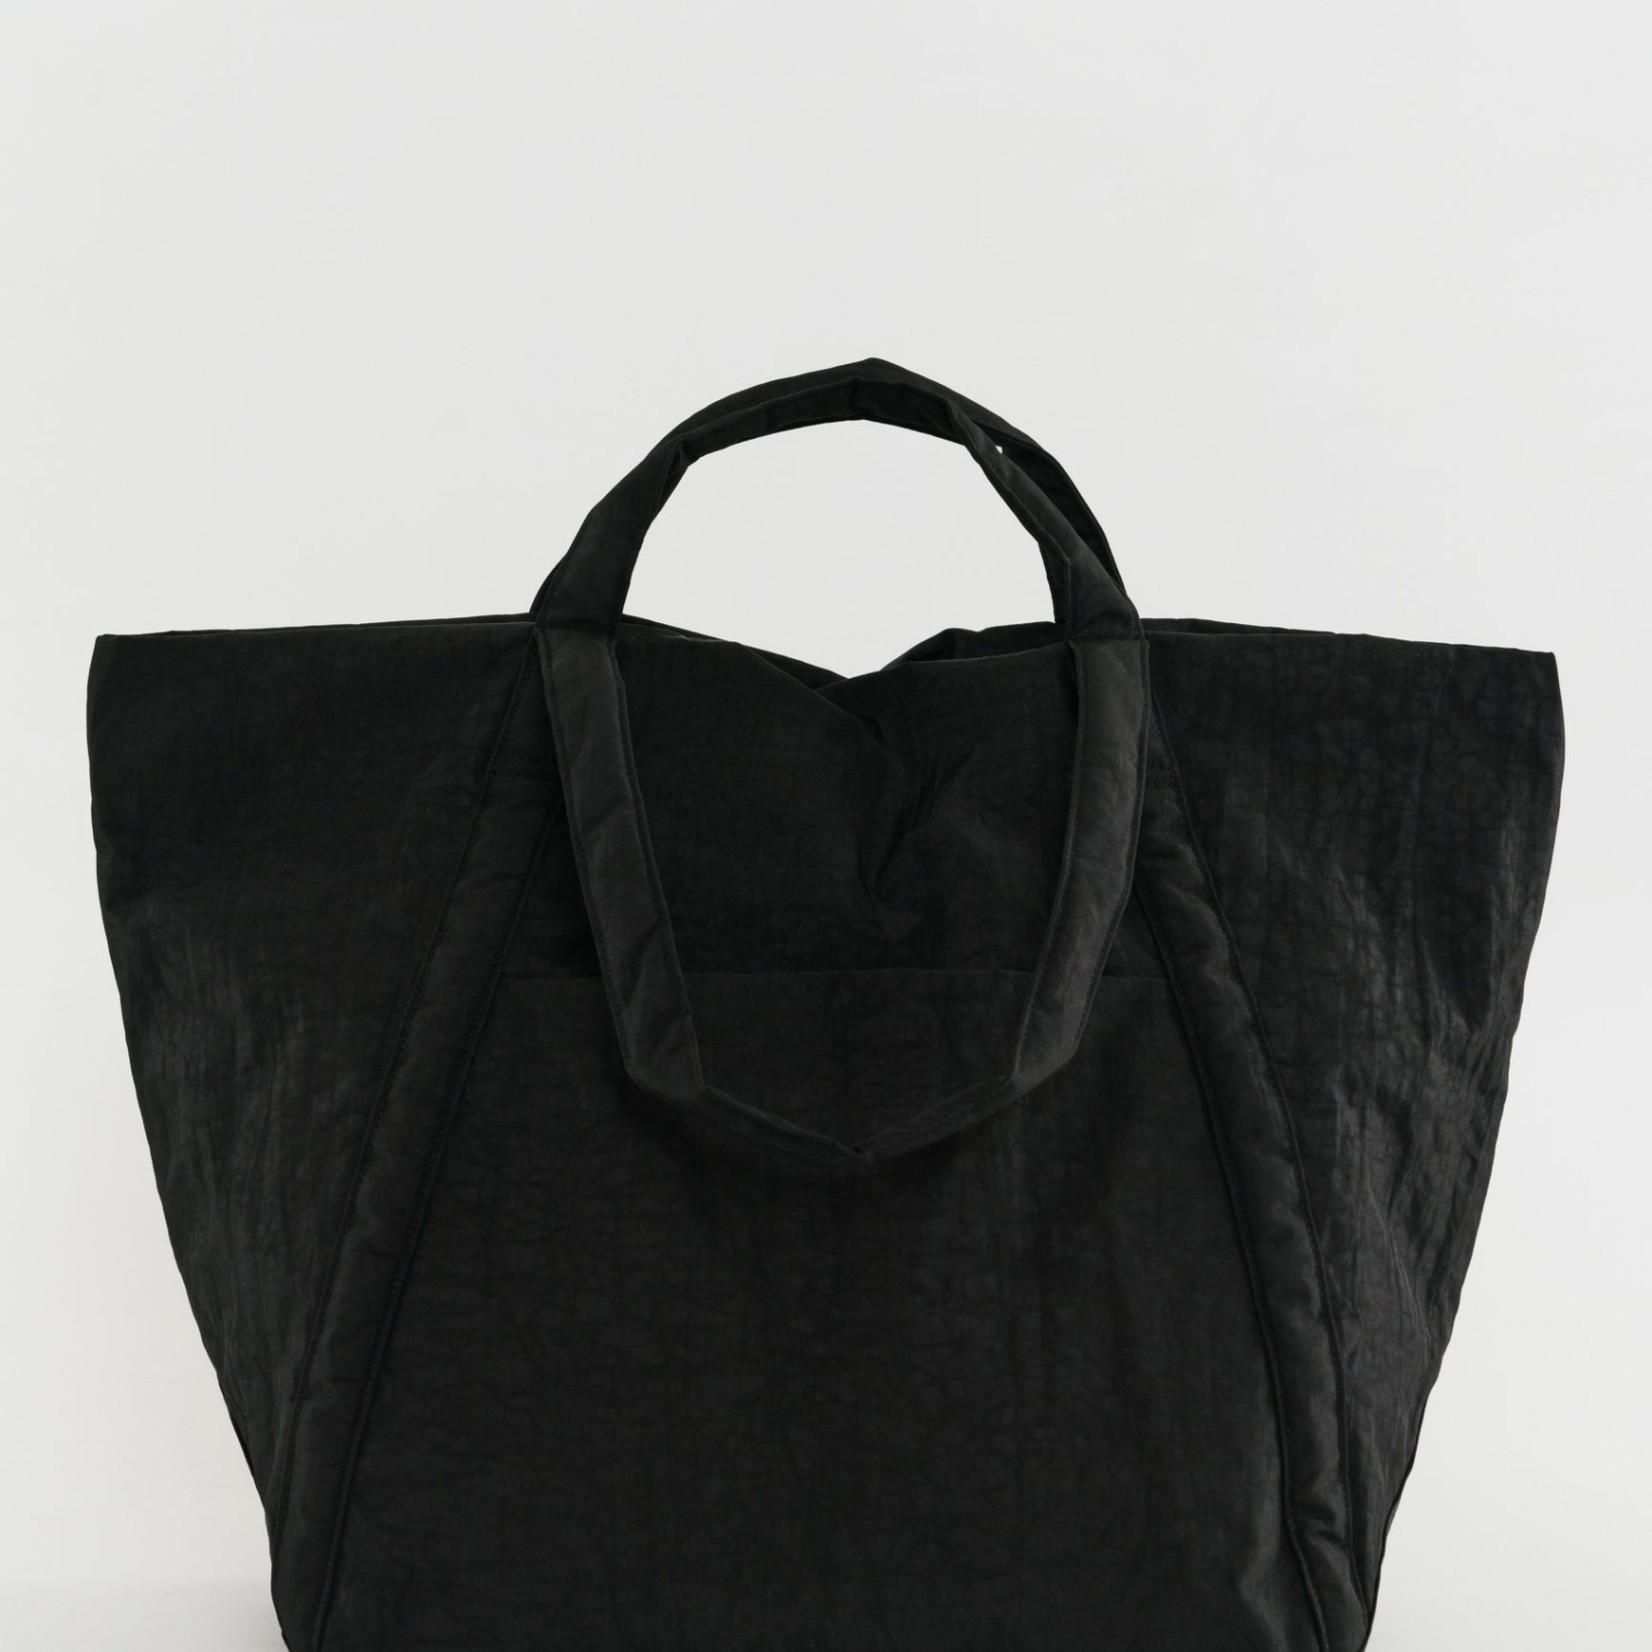 Baggu Baggu Travel Cloud Bag Black